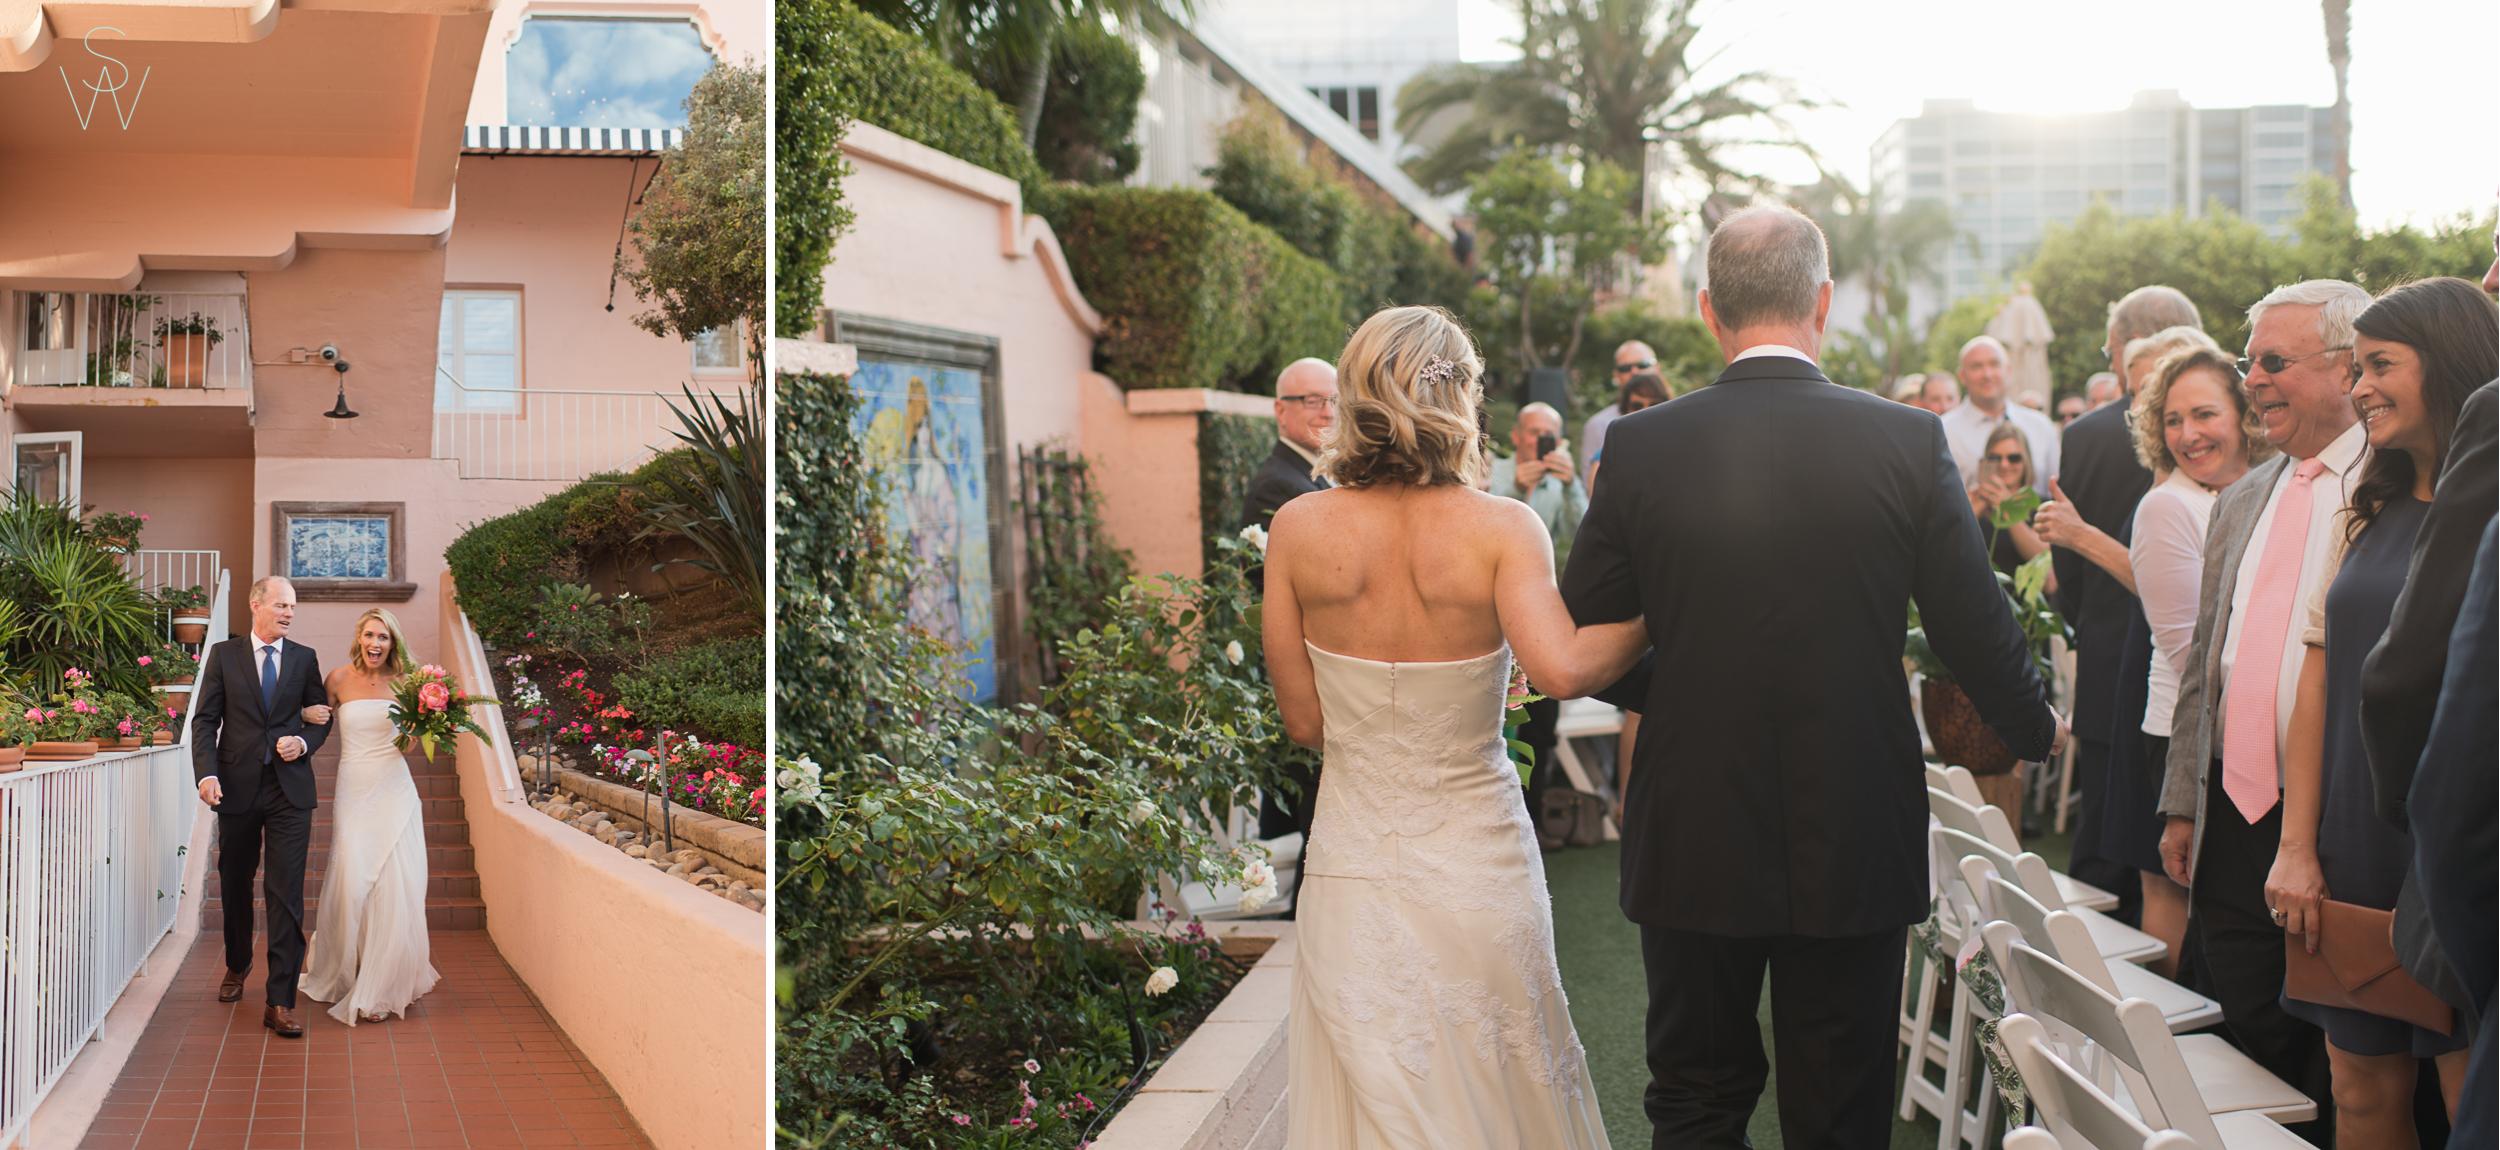 Colleen.Kyle20190122Shewanders.granddelmar.wedding 0471.jpg